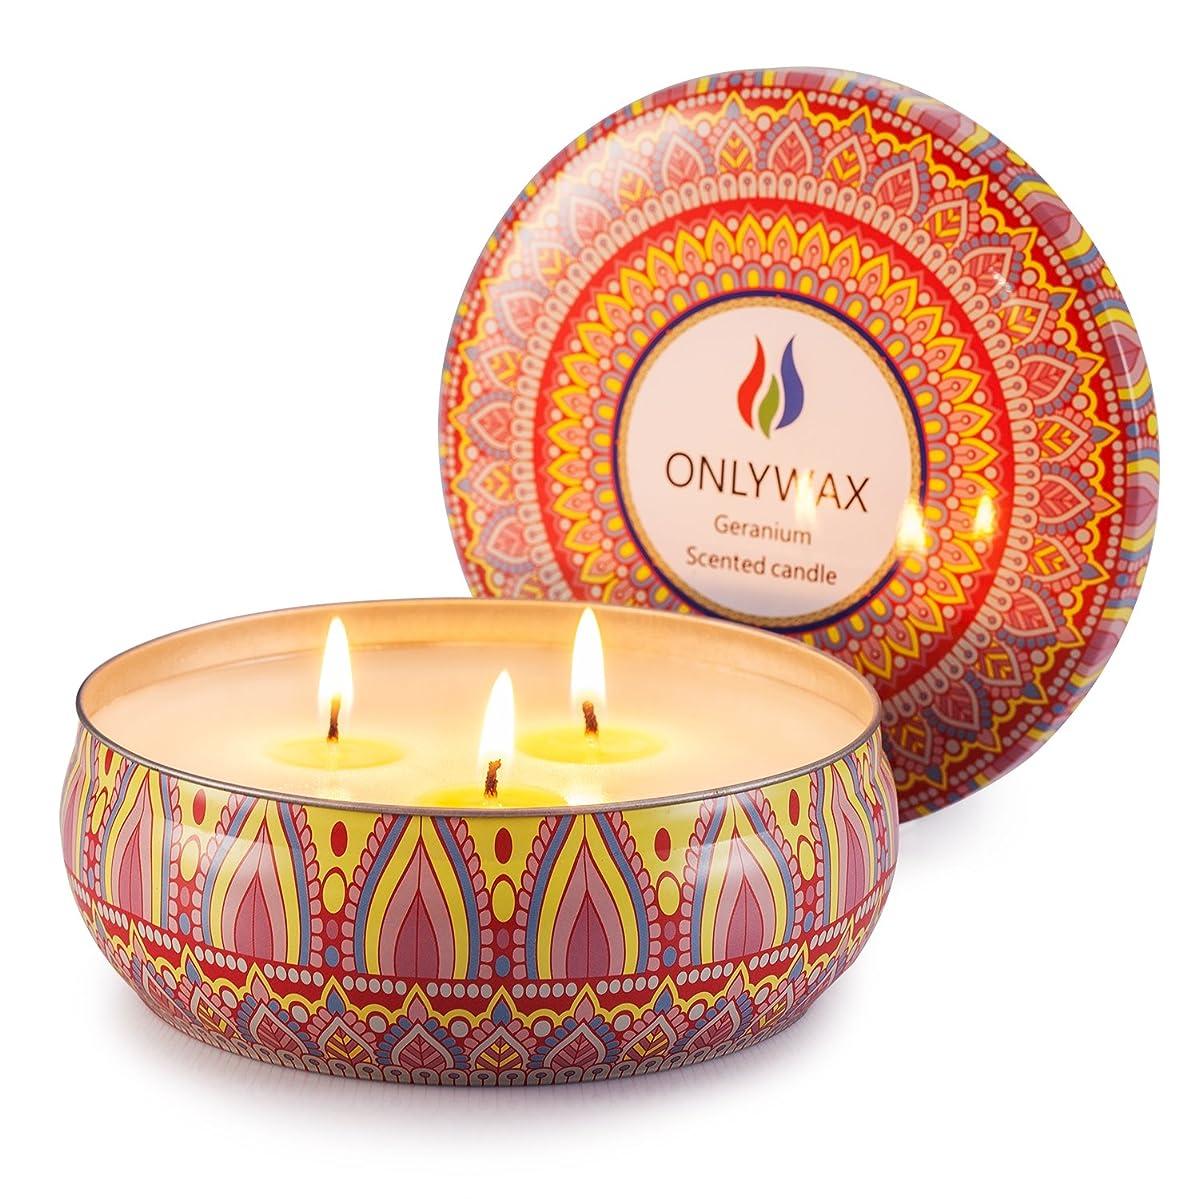 マチュピチュヨーグルト囲まれたScented Candles Soy Wax 3 Wick Tin 70 Hour Burn,Essential Oils-for Stress Relief and Relaxation,Outdoor and Indoor